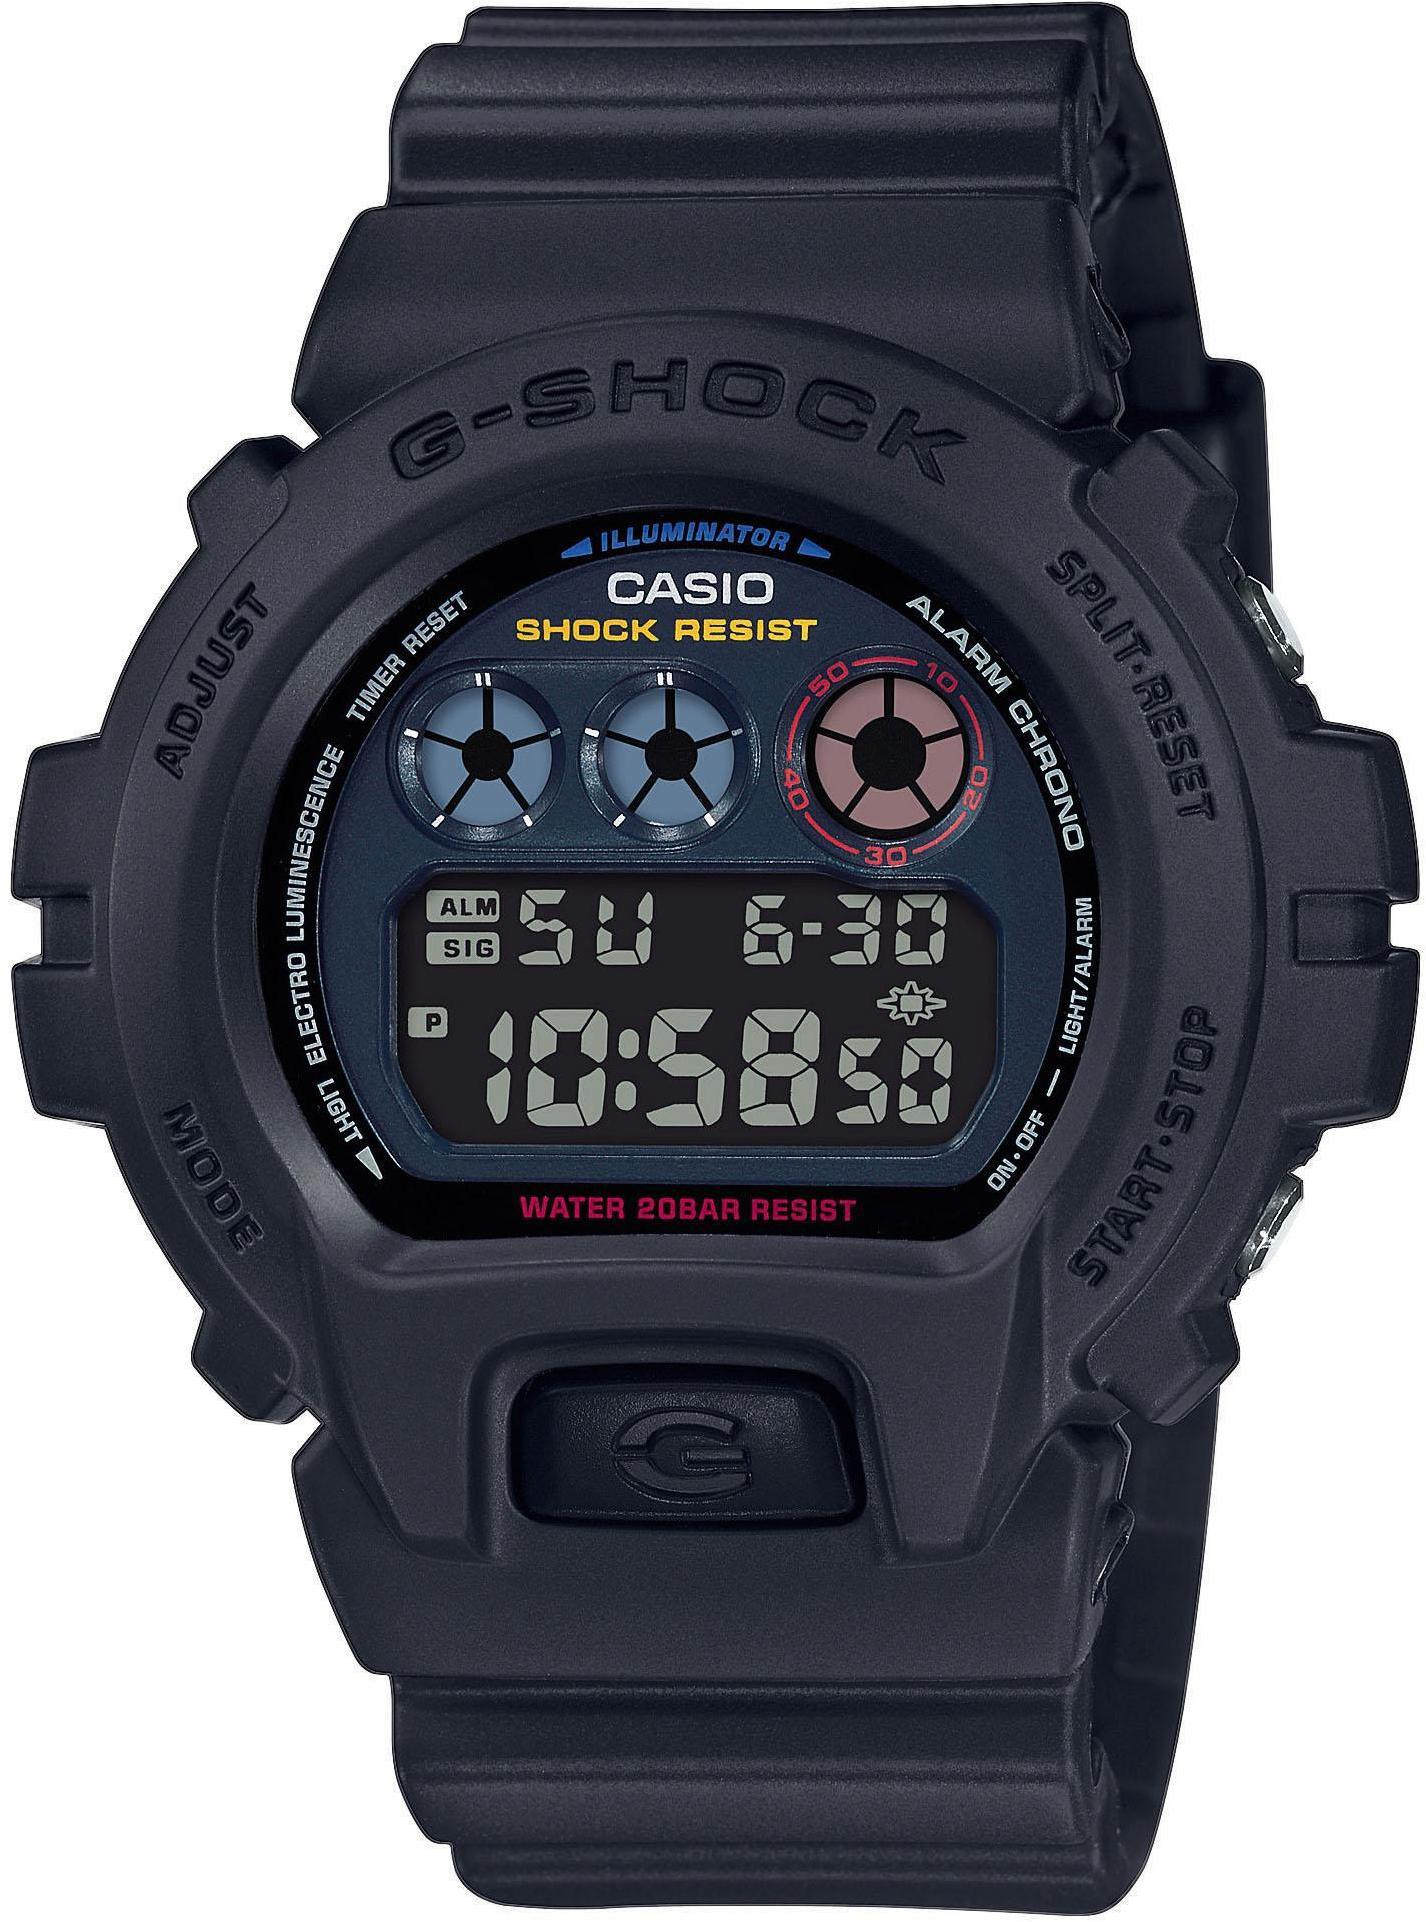 CASIO G-SHOCK Classic DW-6900BMC-1ER Ur Herrer, black (2019)   Sports watches